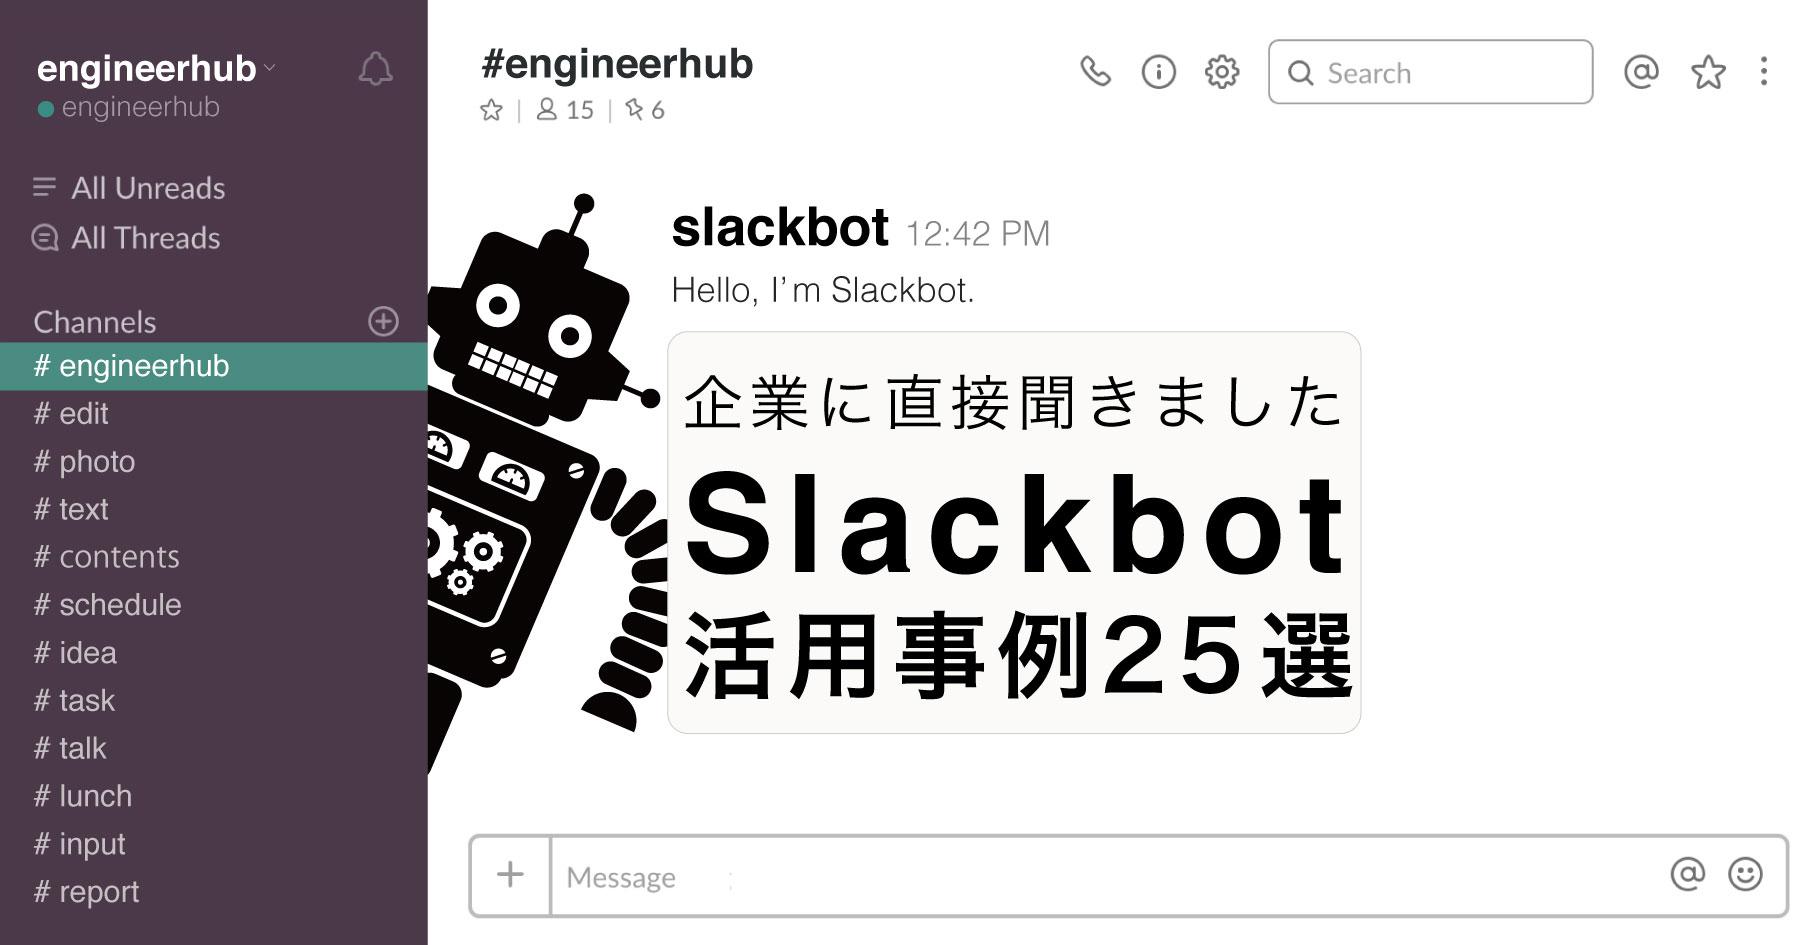 [Slackbot大全]25種類の事例・ツールを一挙紹介! botで業務を効率化しよう【2018夏】 | エンジニアHUB